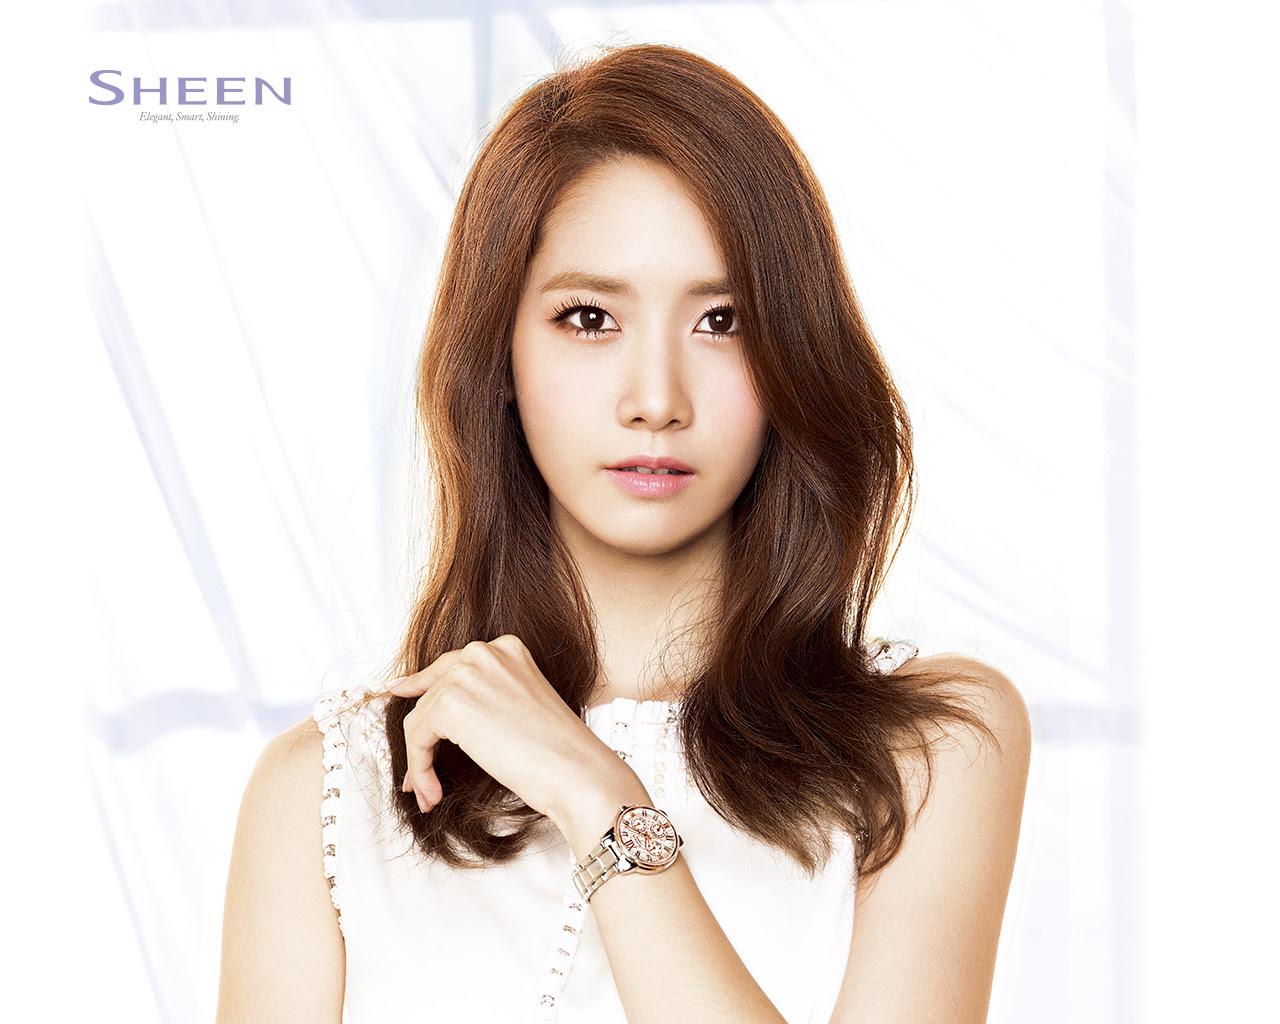 Yoona @ Casio SHEEN - Girls Generation/SNSD Wallpaper ...